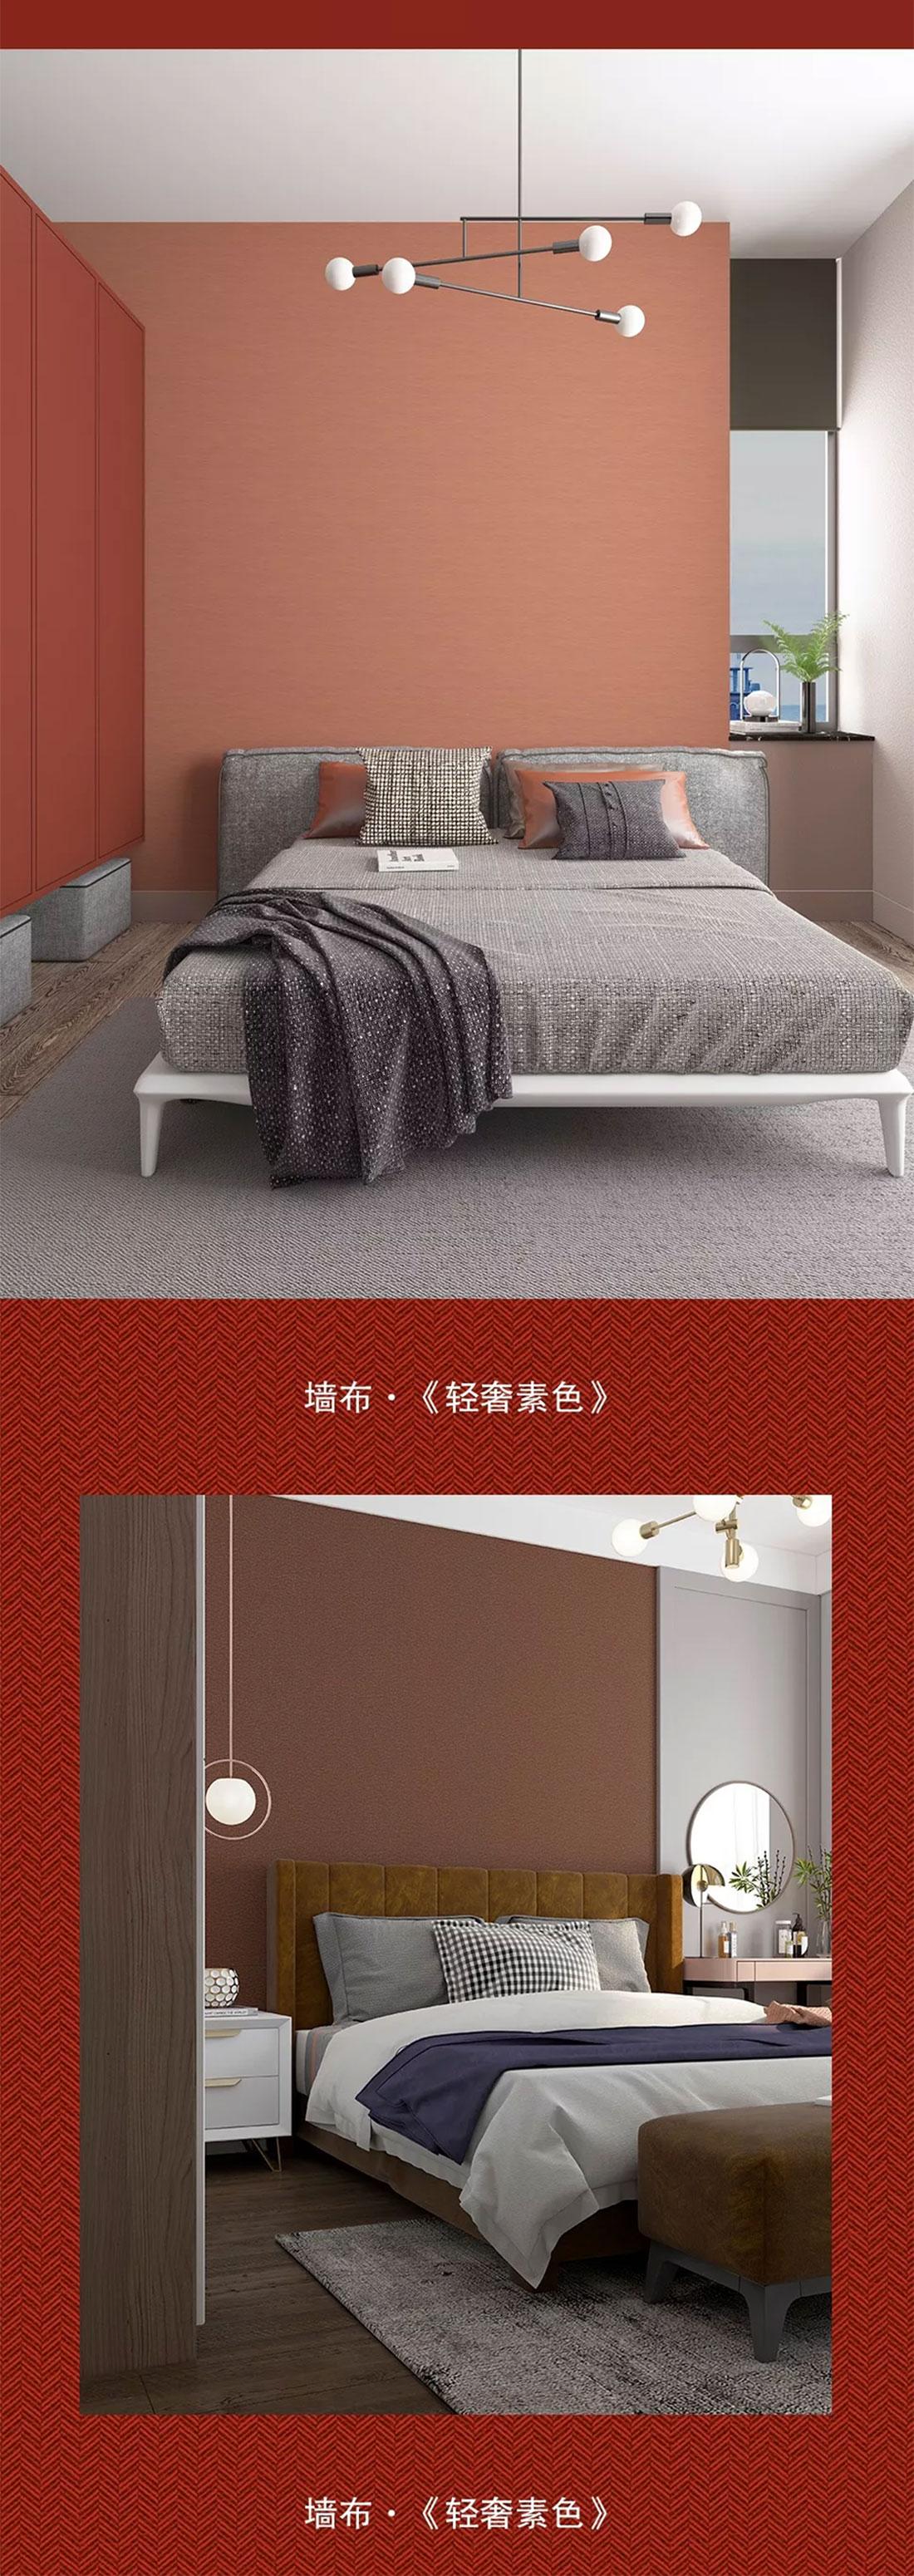 轻奢素色卧室无缝墙布